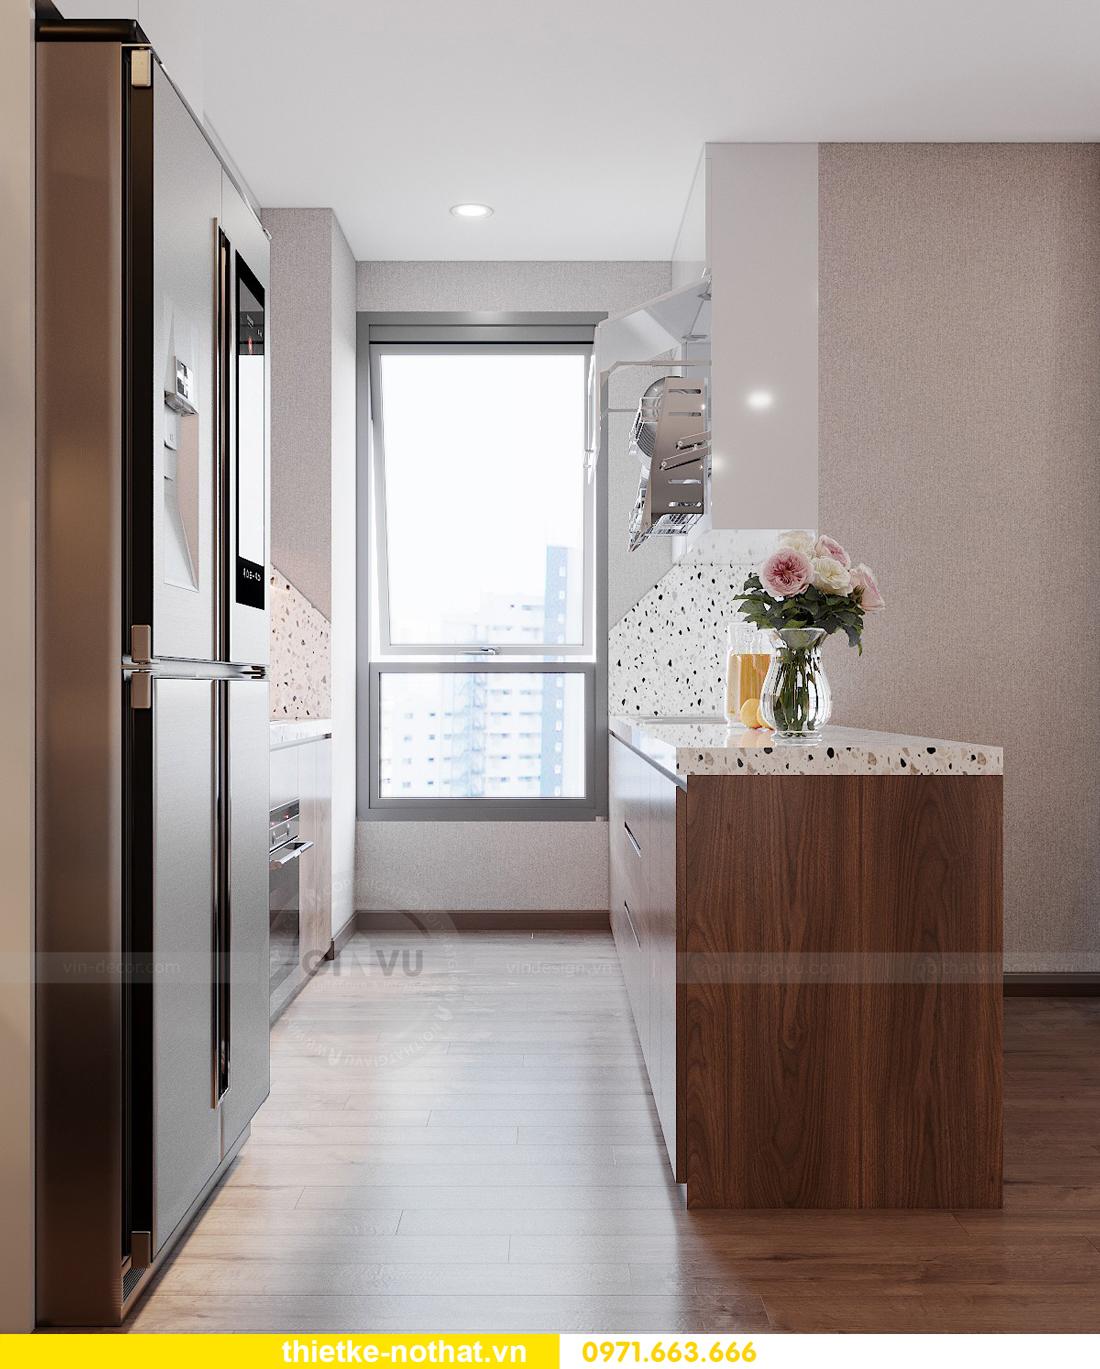 mẫu thiết kế nội thất chung cư West Point căn hộ 3 phòng ngủ 06